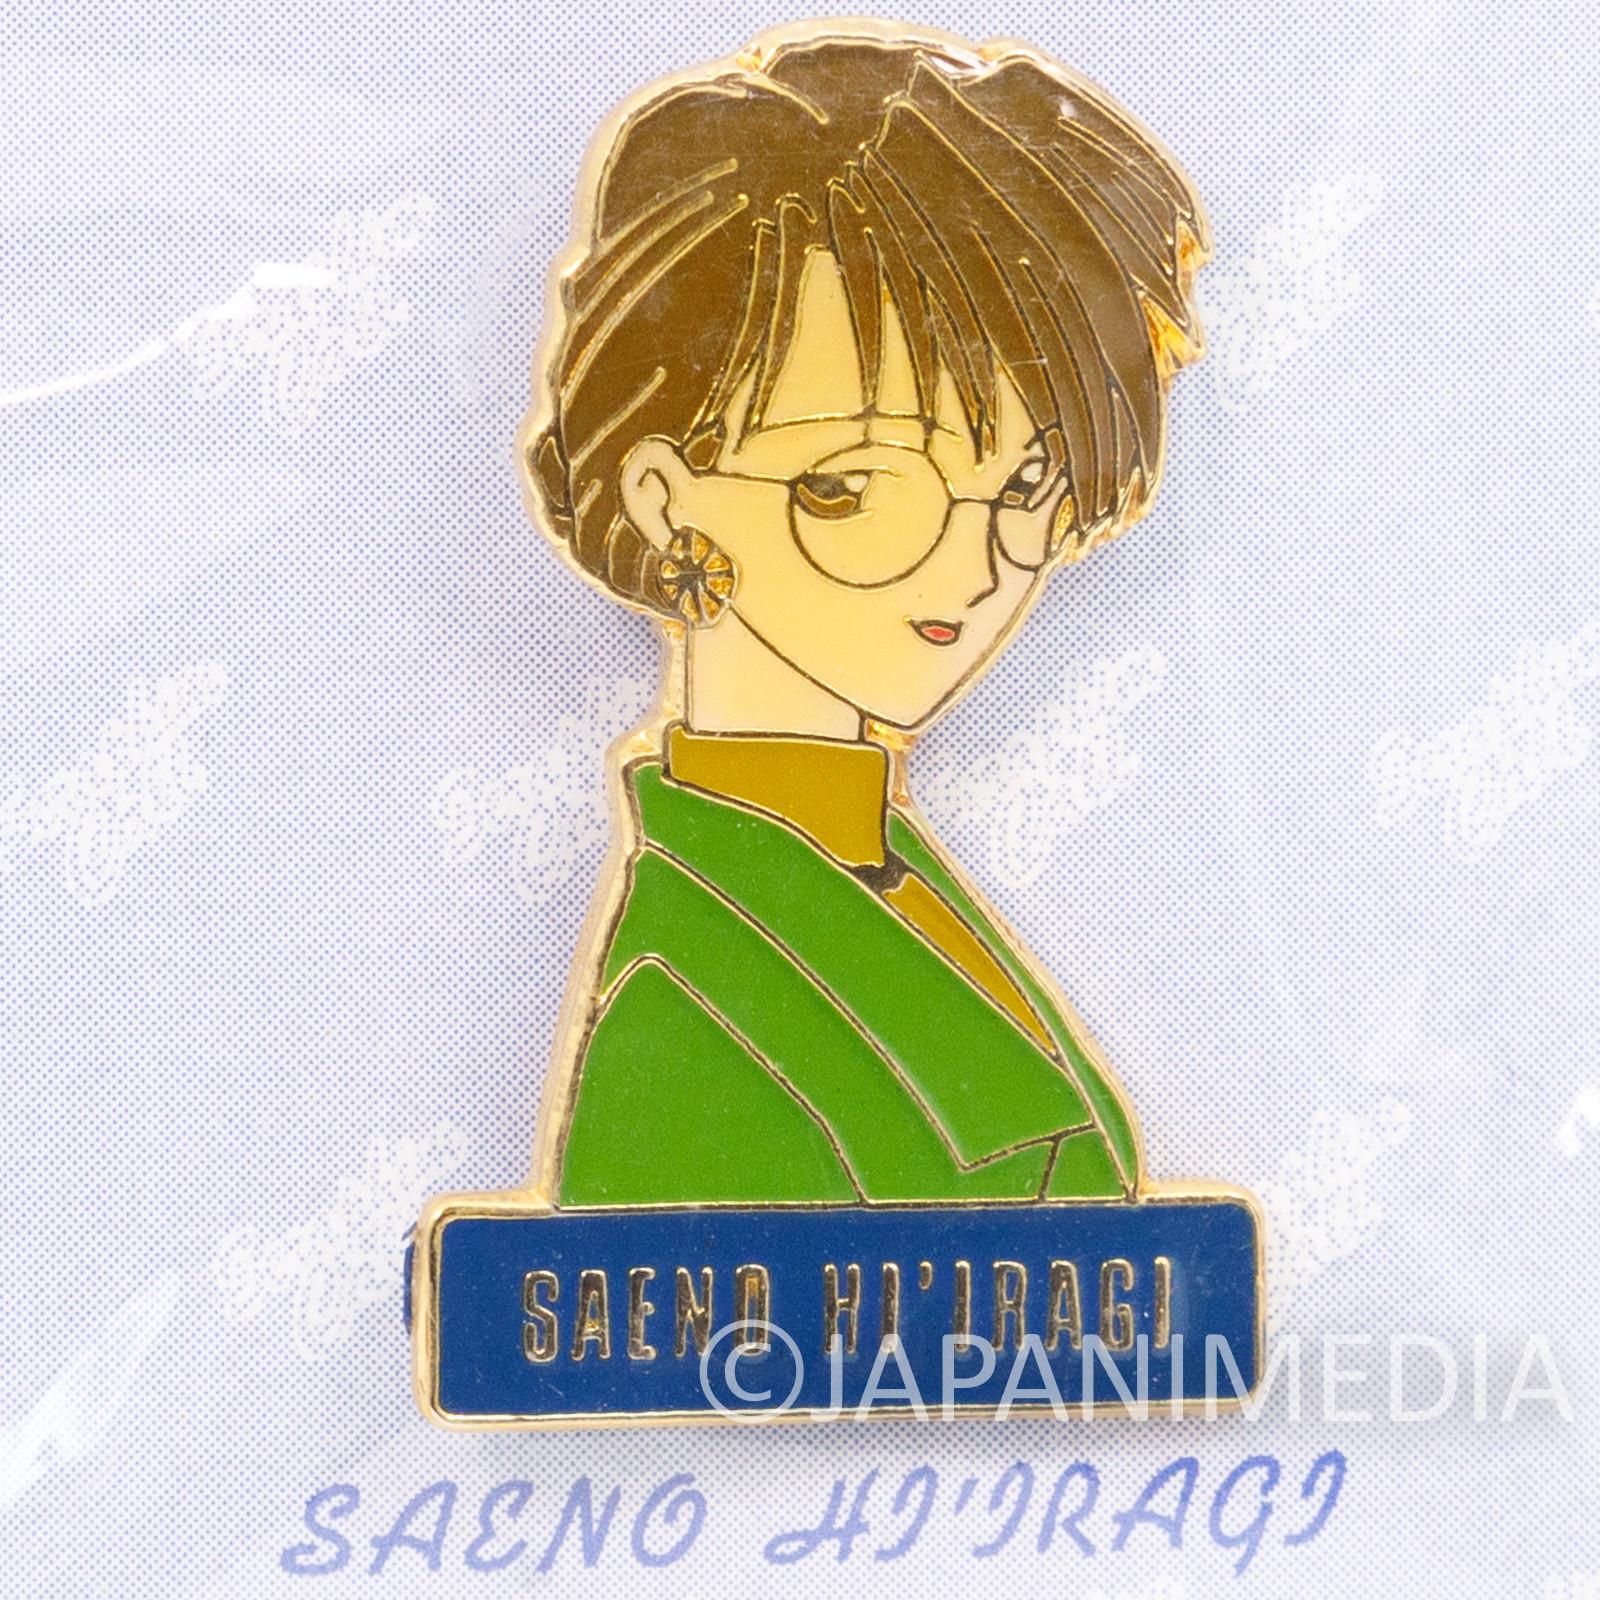 Seraphim Call Metal Pins Saeno Hiiragi Media Works JAPAN ANIME